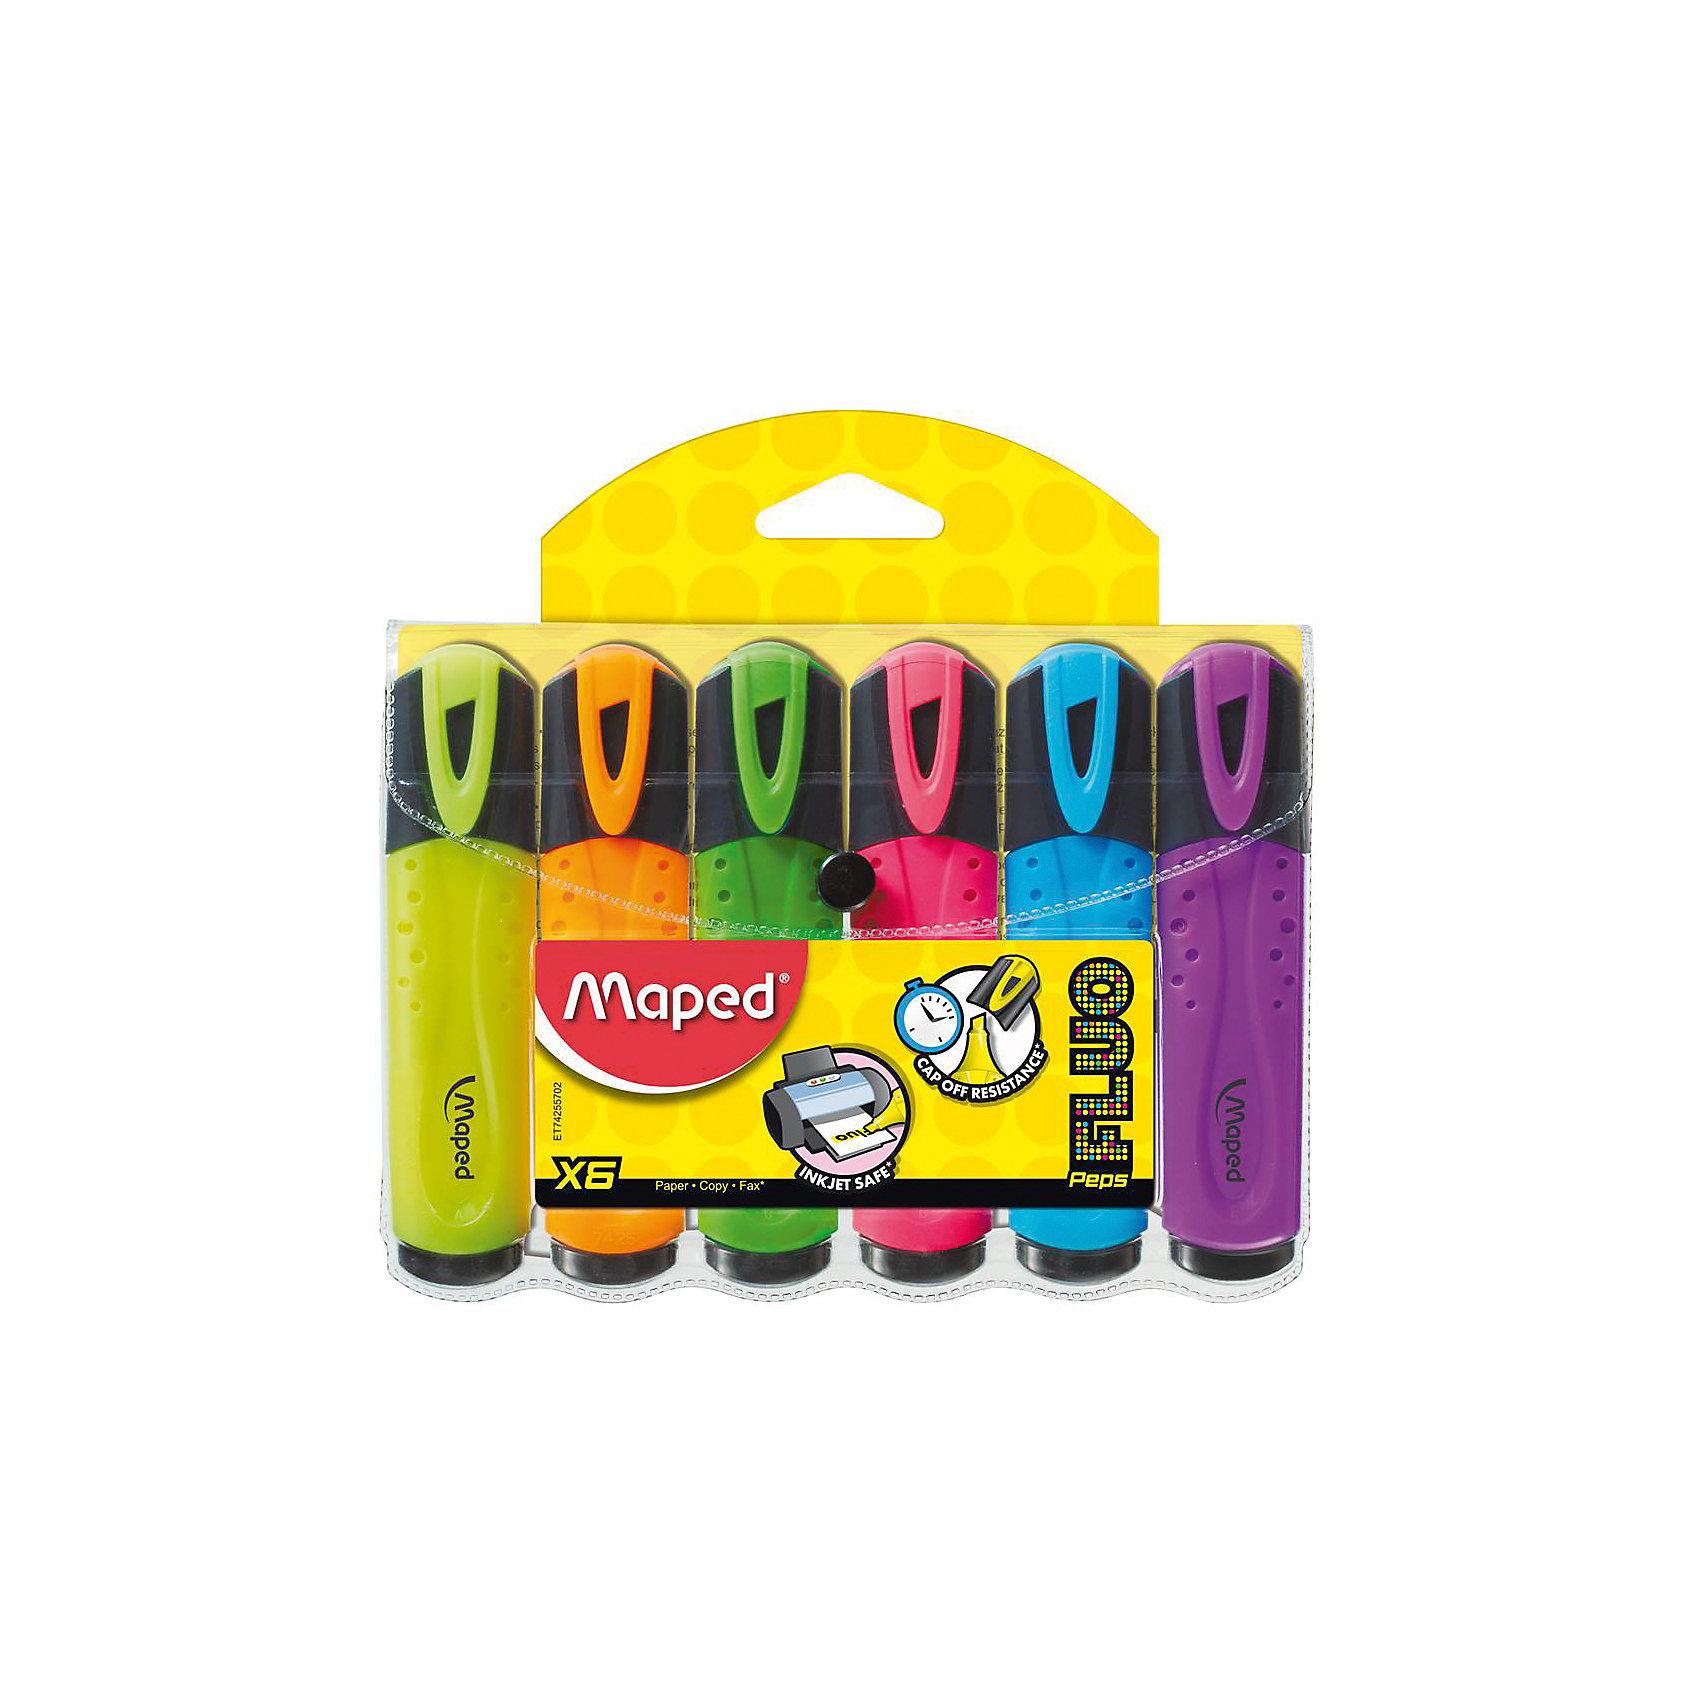 Набор маркеров FLUO PEPS, 6 цв.Письменные принадлежности<br>Набор маркеров FLUO PEPS, 6 цв. от марки Maped<br><br>Маркеры сделаны из приятного на ощупь материала, с яркими чернилами высокого качества. Поверхность корпуса препятствует скольжению пальцев и обеспечивает комфорт при письме. Чернила быстро высыхают на бумаге, не смазывая и не затемняя текст. Высокая светостойкость обеспечит четкость и яркость выделенного текста на годы. В наборе - 6 маркеров разных ярких цветов (желтый, зеленый, розовый, голубой, оранжевый, фиолетовый).<br><br>Особенности данной модели:<br><br>ширина оставляемого следа: 1-5 мм;<br>для всех типов бумаги;<br>цвет чернил: желтый, зеленый, розовый, голубой, оранжевый, фиолетовый.<br><br>Набор маркеров FLUO PEPS, 6 цв. от марки Maped можно купить в нашем магазине.<br><br>Ширина мм: 142<br>Глубина мм: 160<br>Высота мм: 16<br>Вес г: 125<br>Возраст от месяцев: 36<br>Возраст до месяцев: 2147483647<br>Пол: Унисекс<br>Возраст: Детский<br>SKU: 4684755